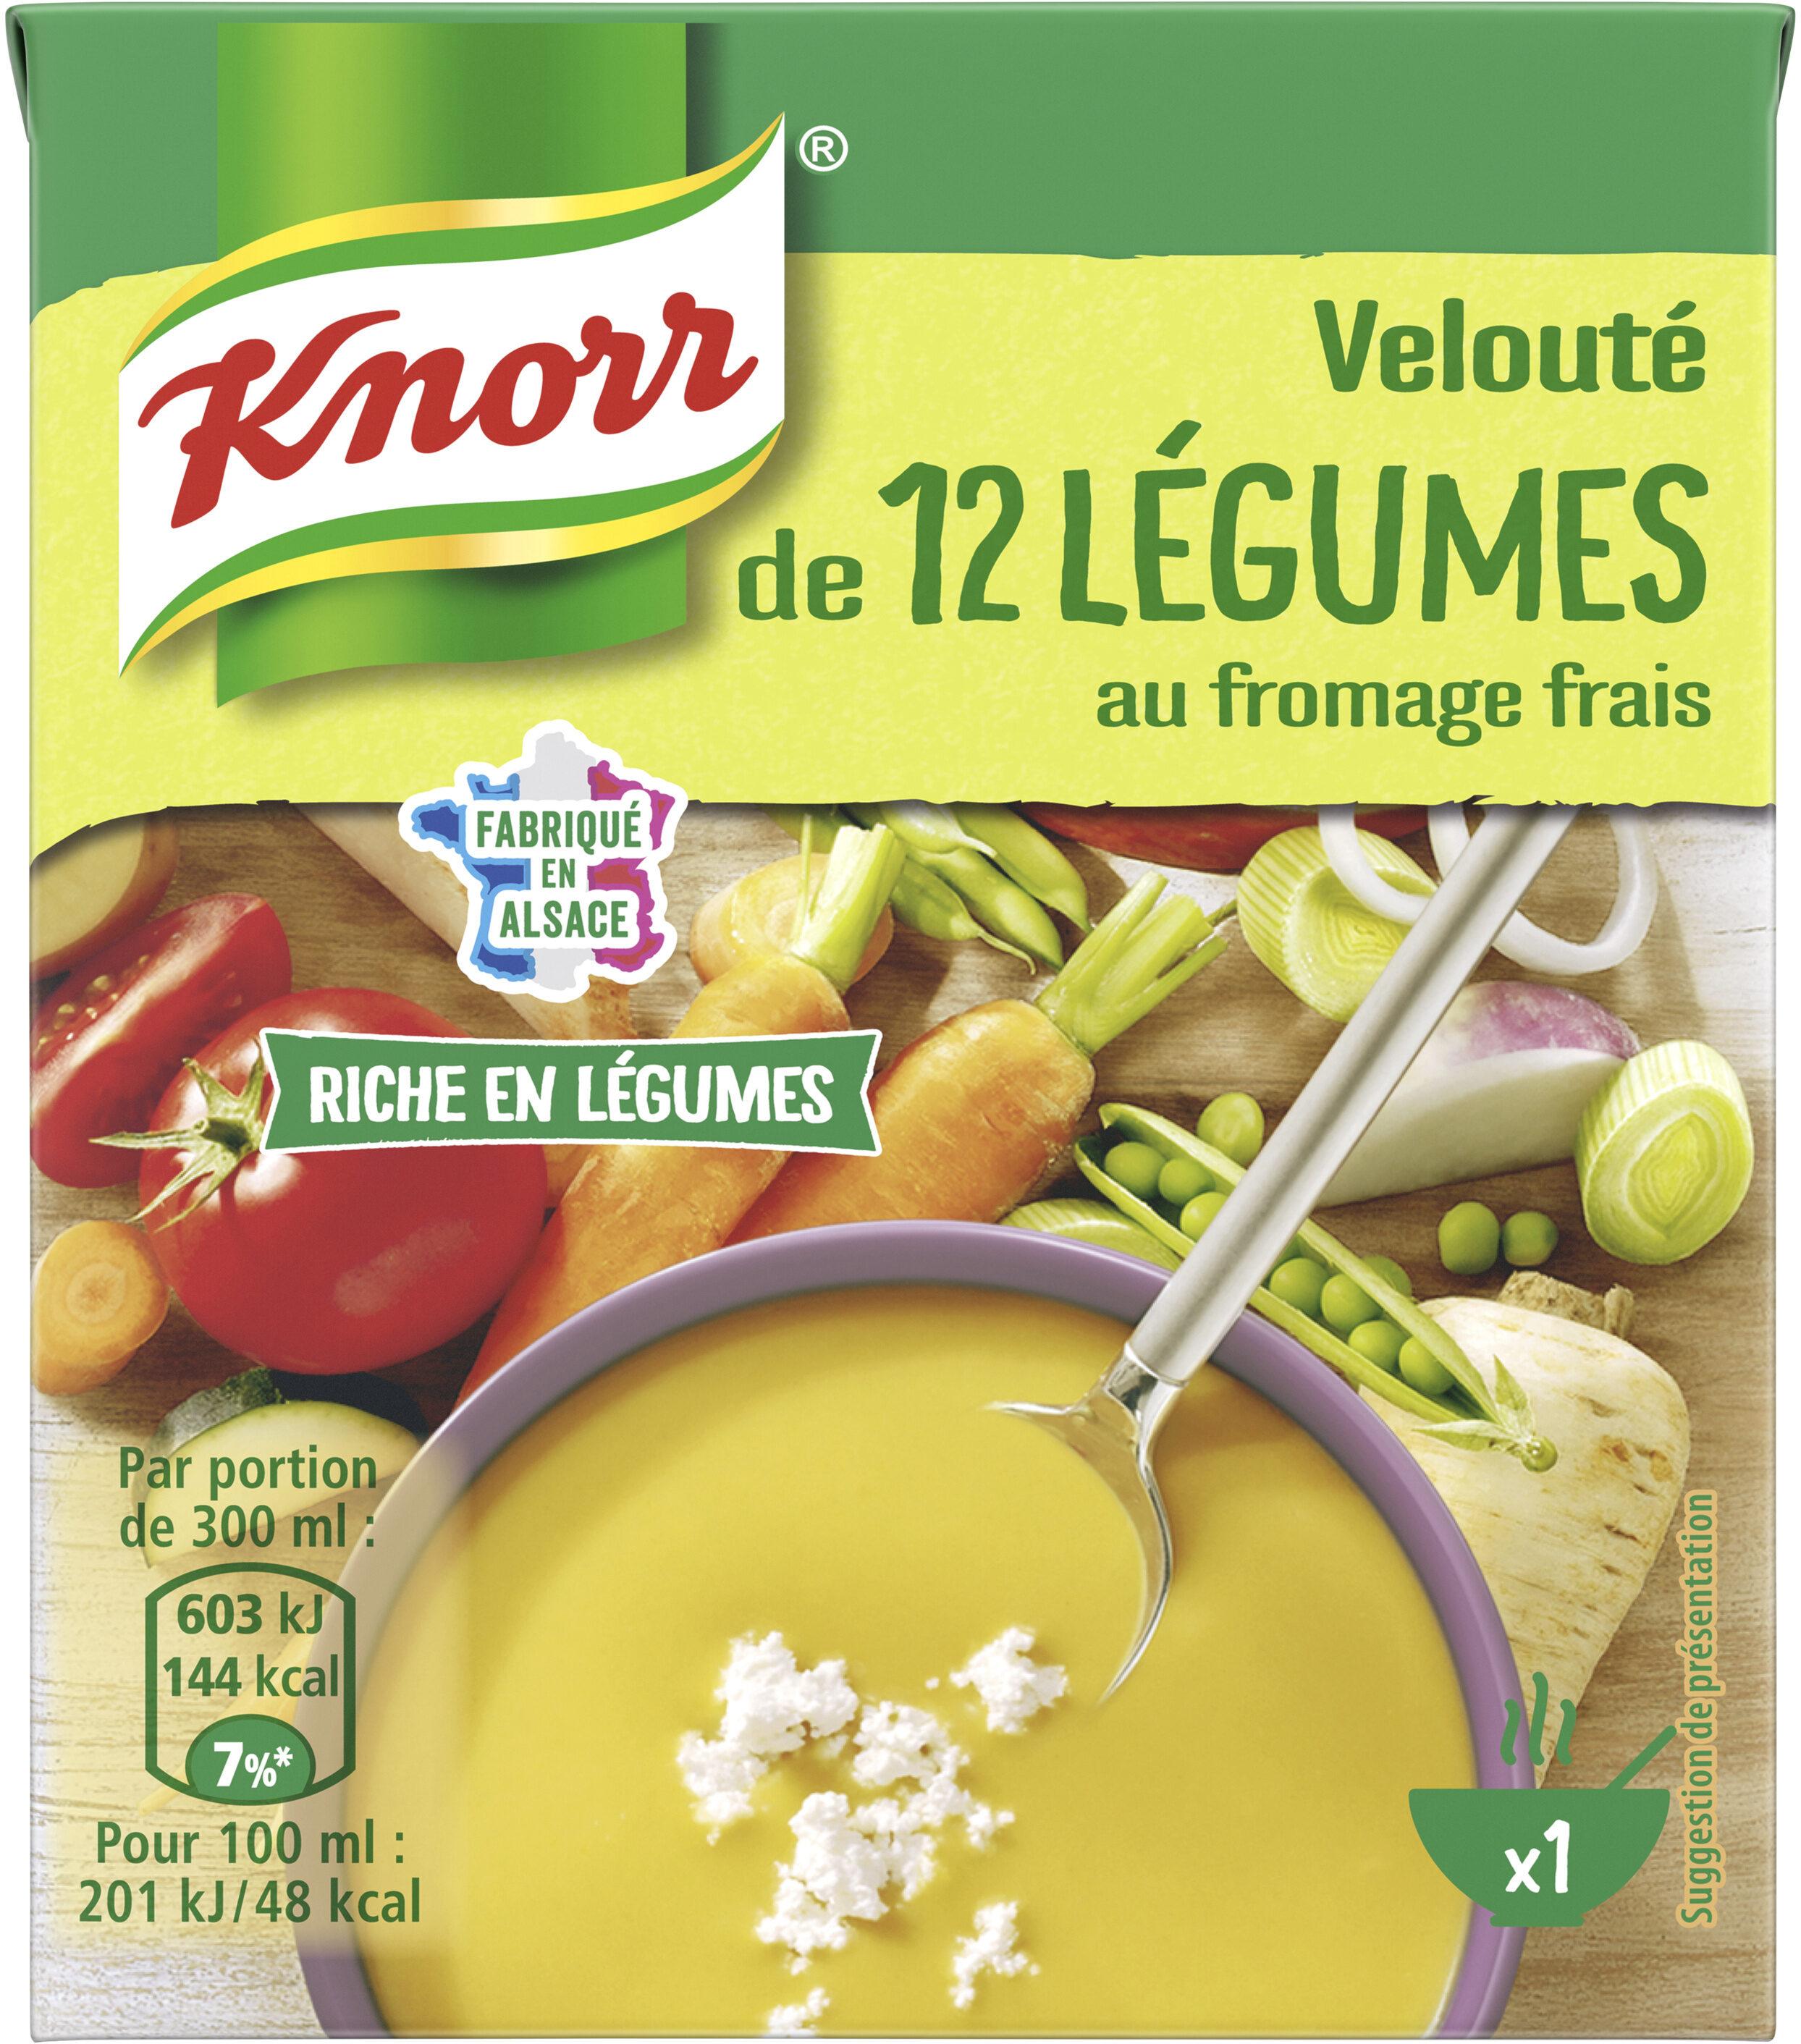 Knorr Soupe Velouté de 12 Légumes au Fromage Frais 30cl - Produit - fr